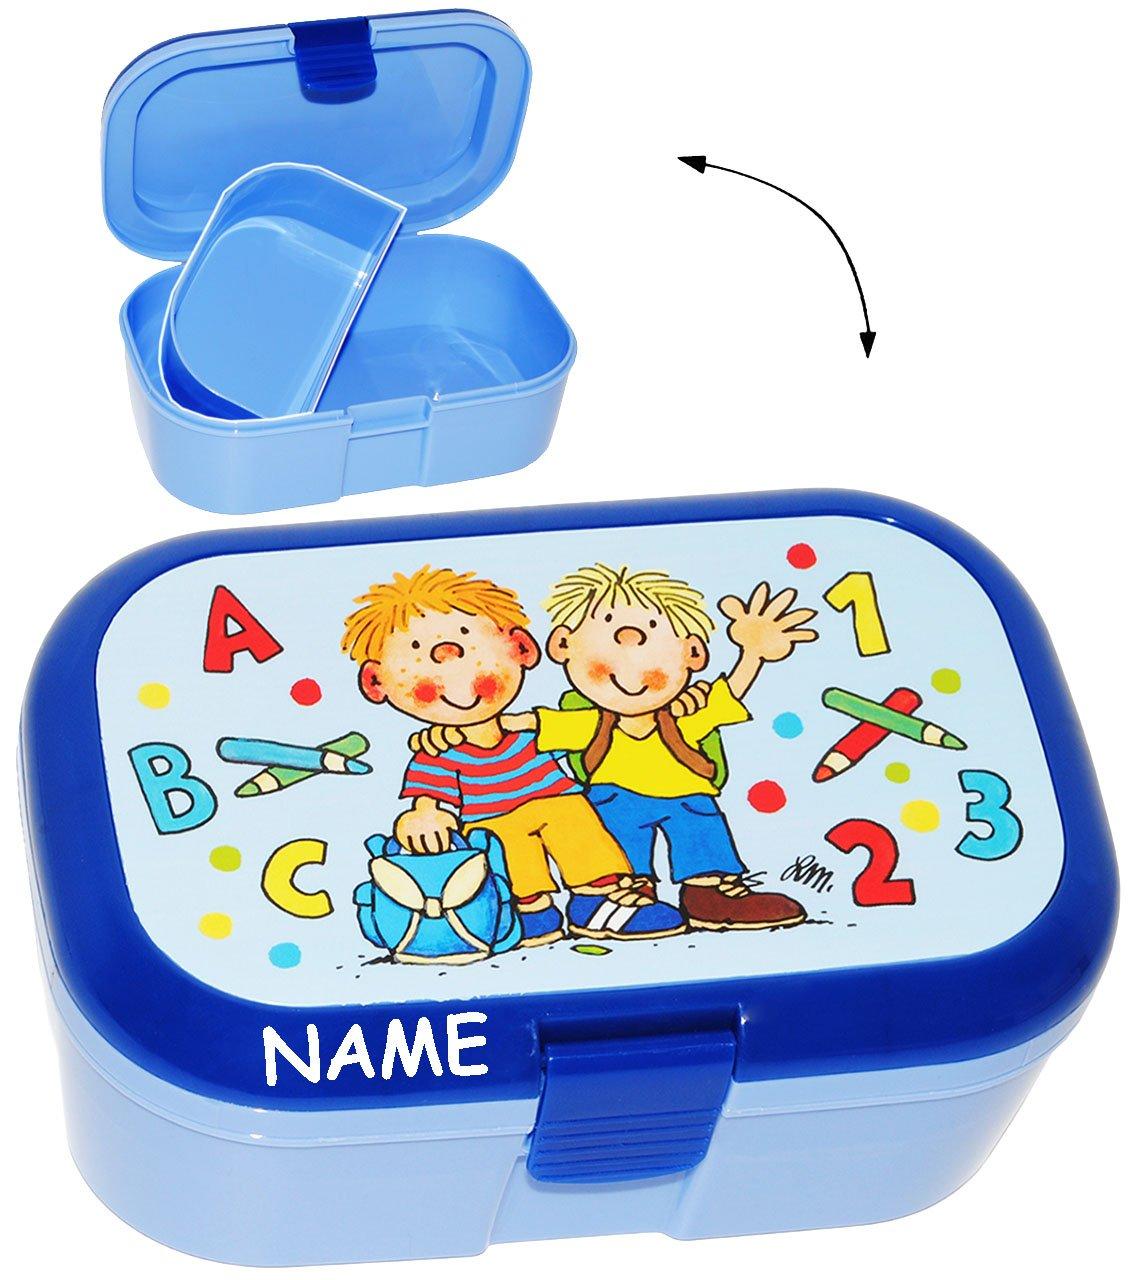 Jungen incl Name Brotb/üchse K/üche Essen mit extra Einsatz // herausnehmbaren Fach Schule ABC f/ür Kinder Ki.. alles-meine.de GmbH Lunchbox // Brotdose Schulanfang